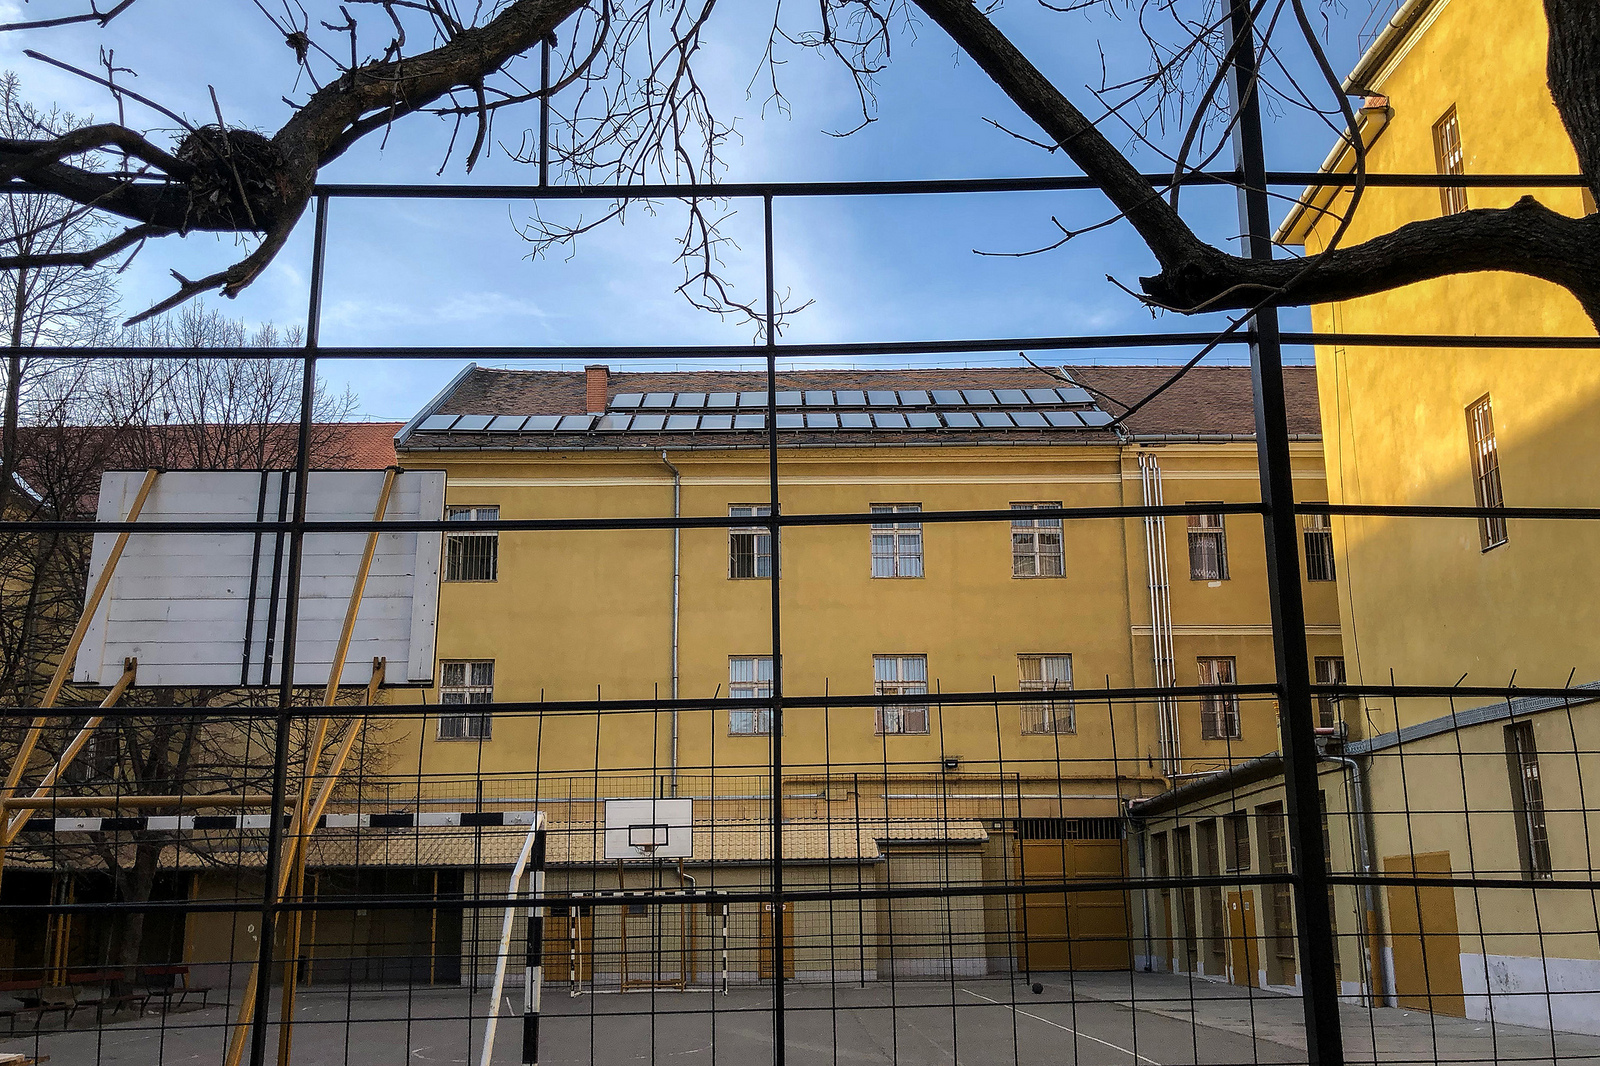 Szél Bernadett az ombudsmanhoz fordul a kalocsai gyermekotthonban történt bántalmazások miatt